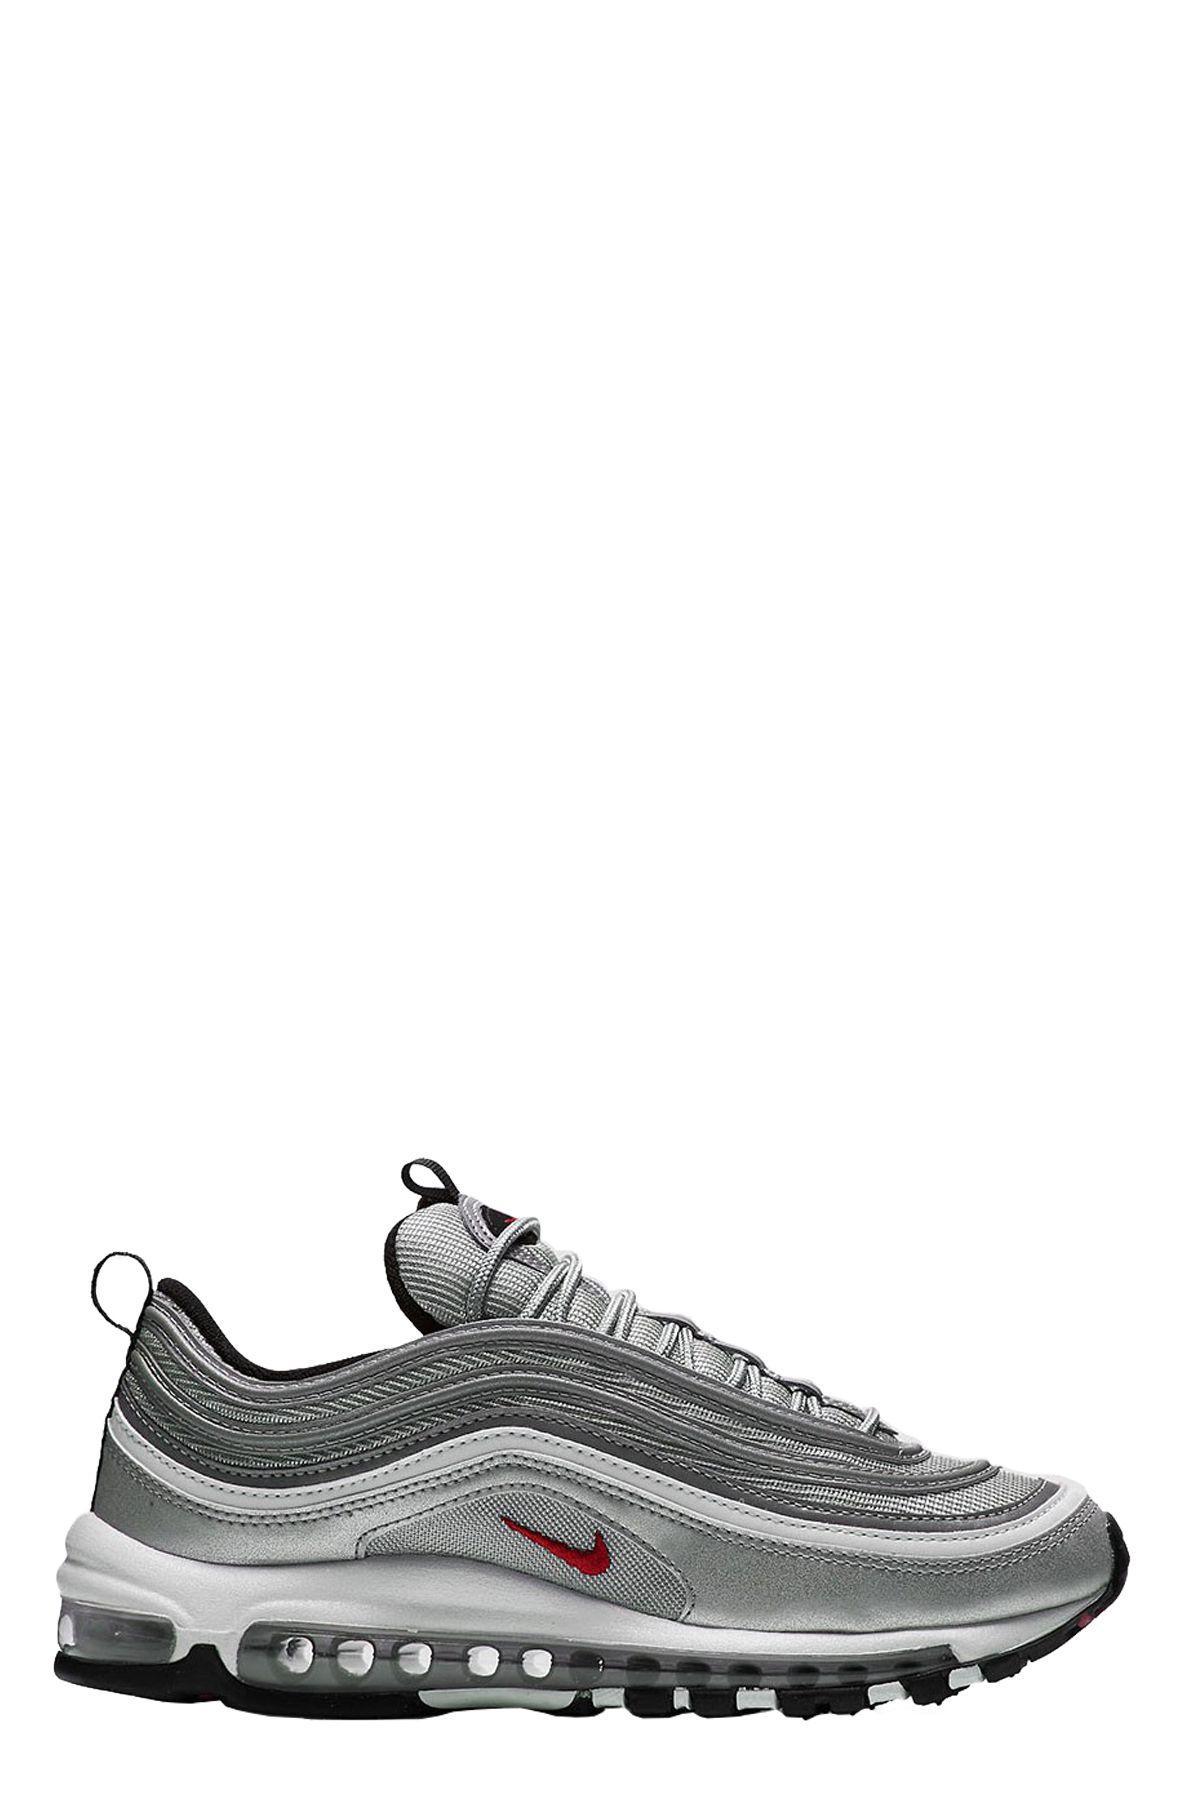 air max 97 donna grigio taupe